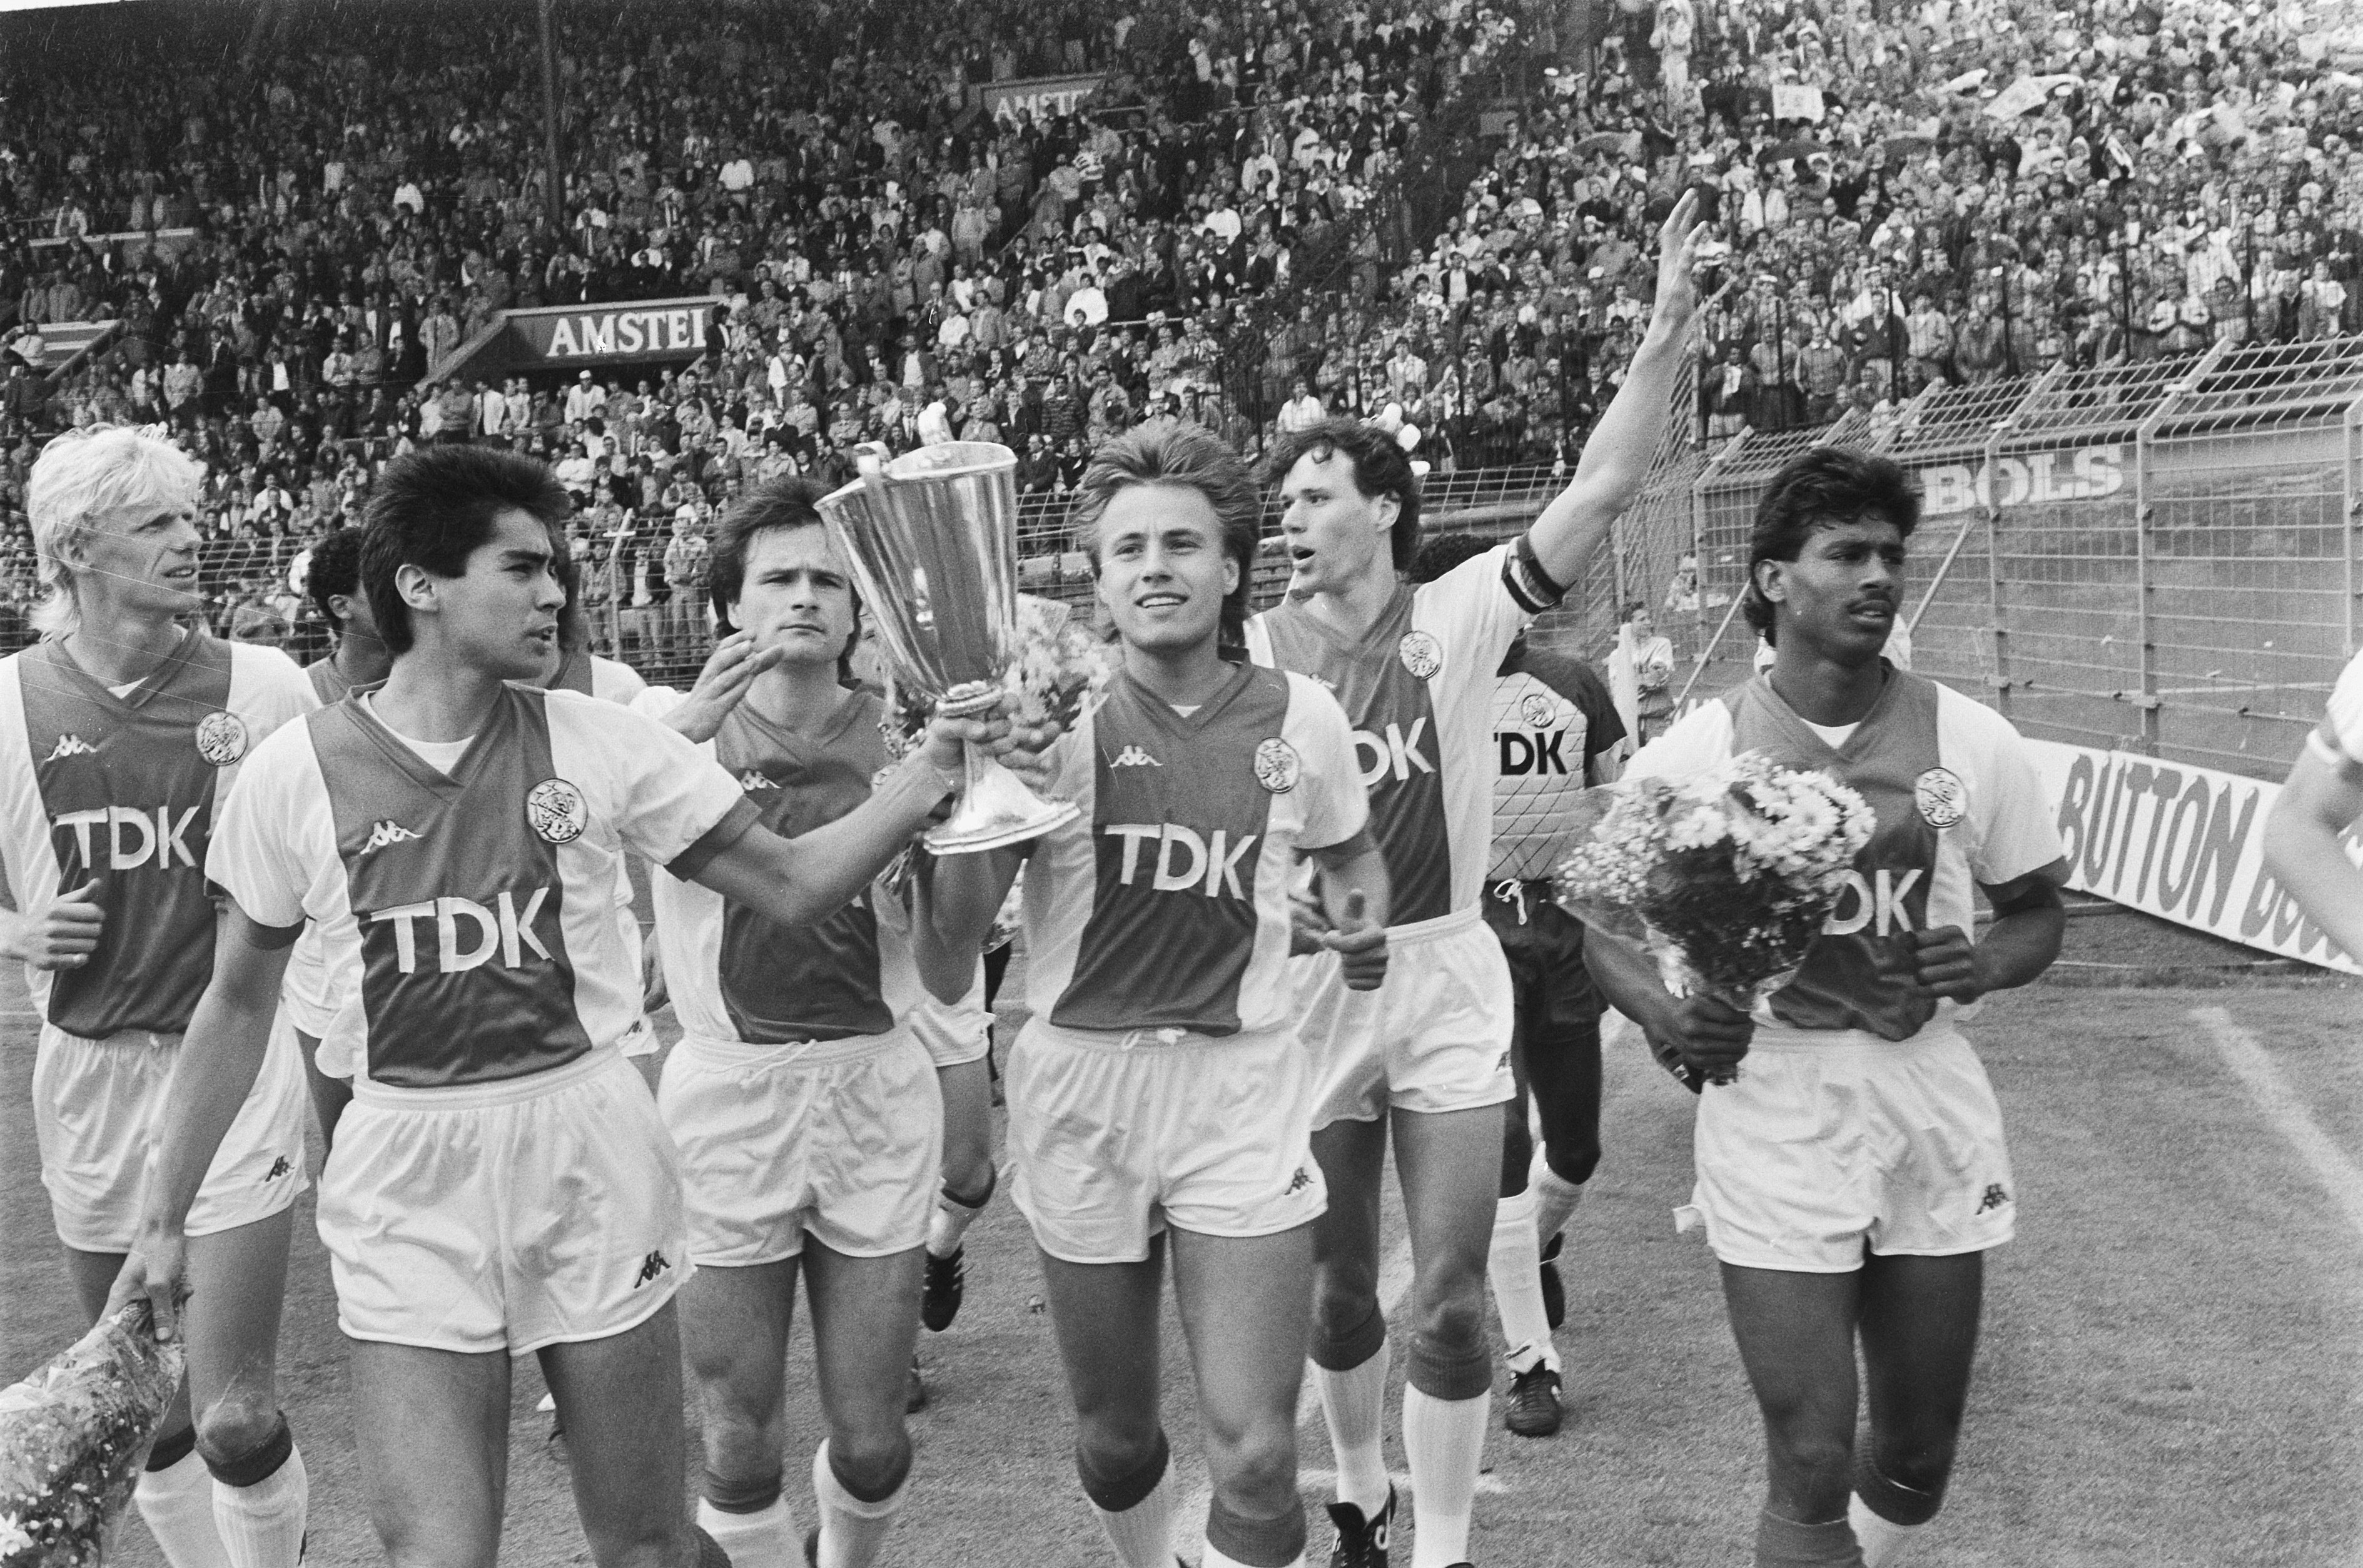 """Ο Άγιαξ πήρε το όνομά του από τον ήρωα της Τροίας. Ο σύλλογος που έβαζε πρόστιμο στους φιλάθλους που έφευγαν από το γήπεδο. Η """"ομάδα των Εβραίων"""", που κυνηγήθηκε από τους Ναζί"""